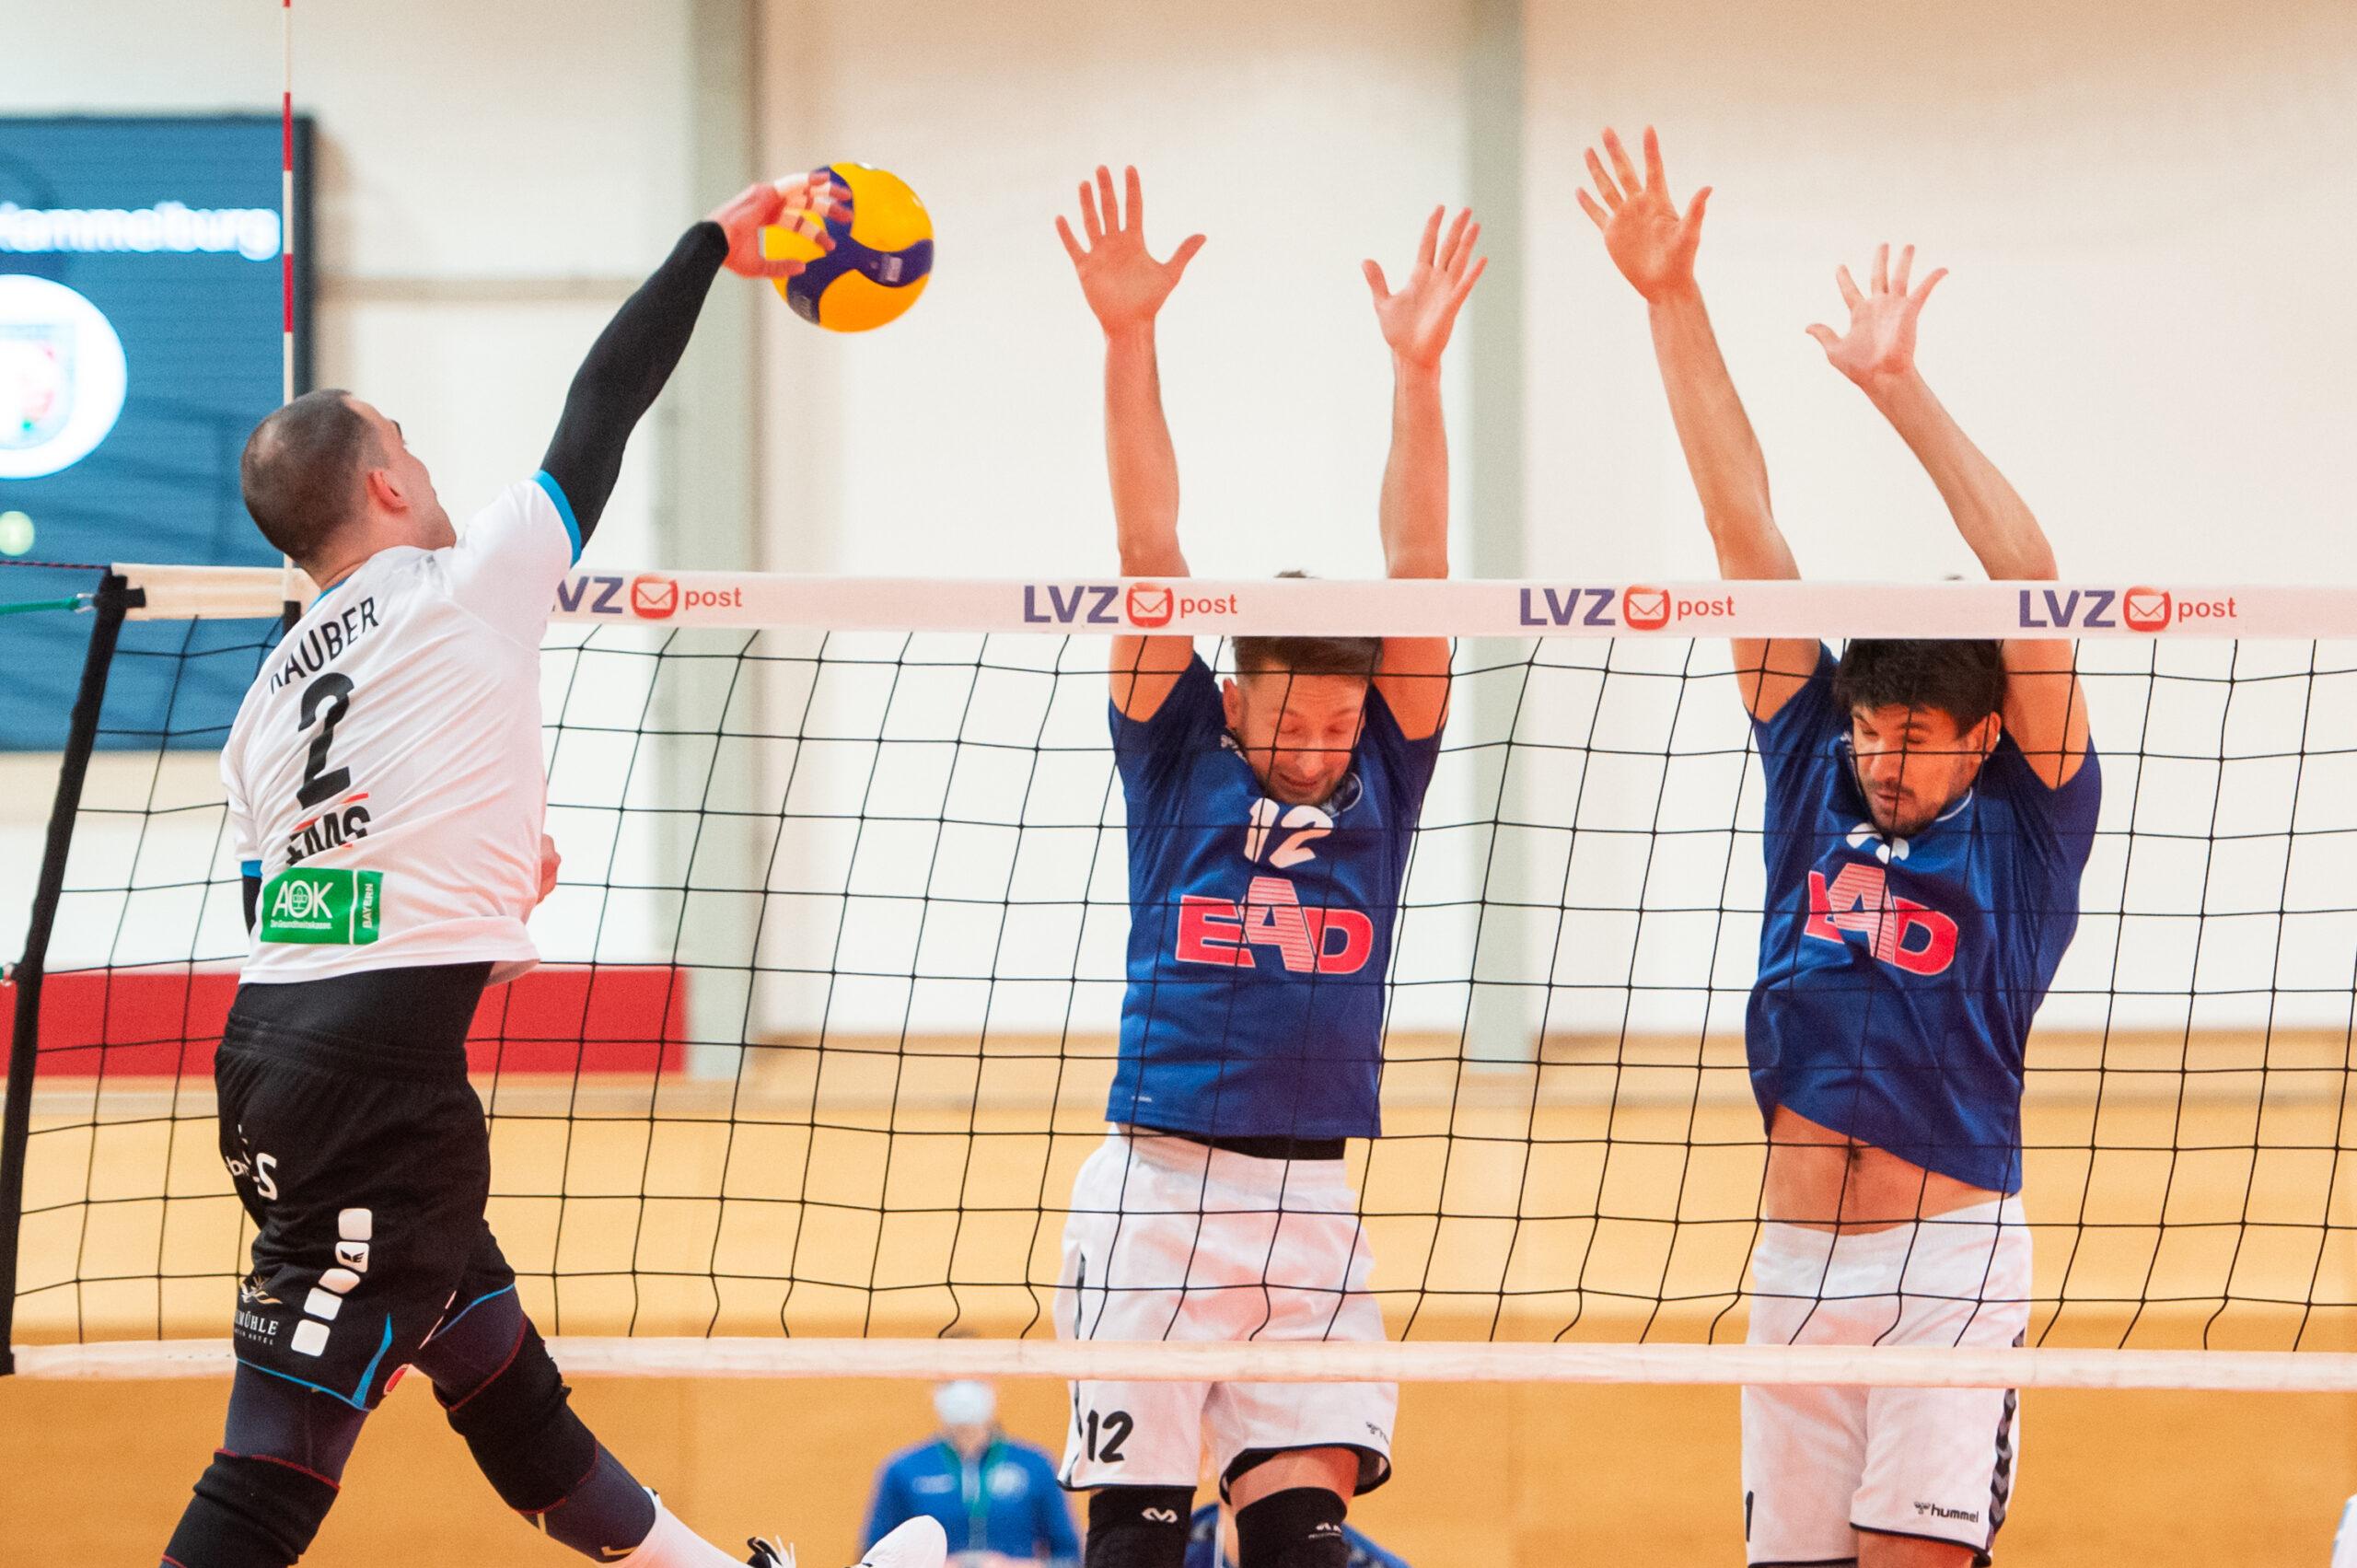 Moritz Rauber (Hammelburg #2) im Angriff gegen Martin  Burgartz (Volleys #12) und Jerome Ptock (Volleys #11)  - L.E. Volleys Leipzig vs TV/DJK Hammelburg, Volleyball, 2.Liga, 20.03.2021